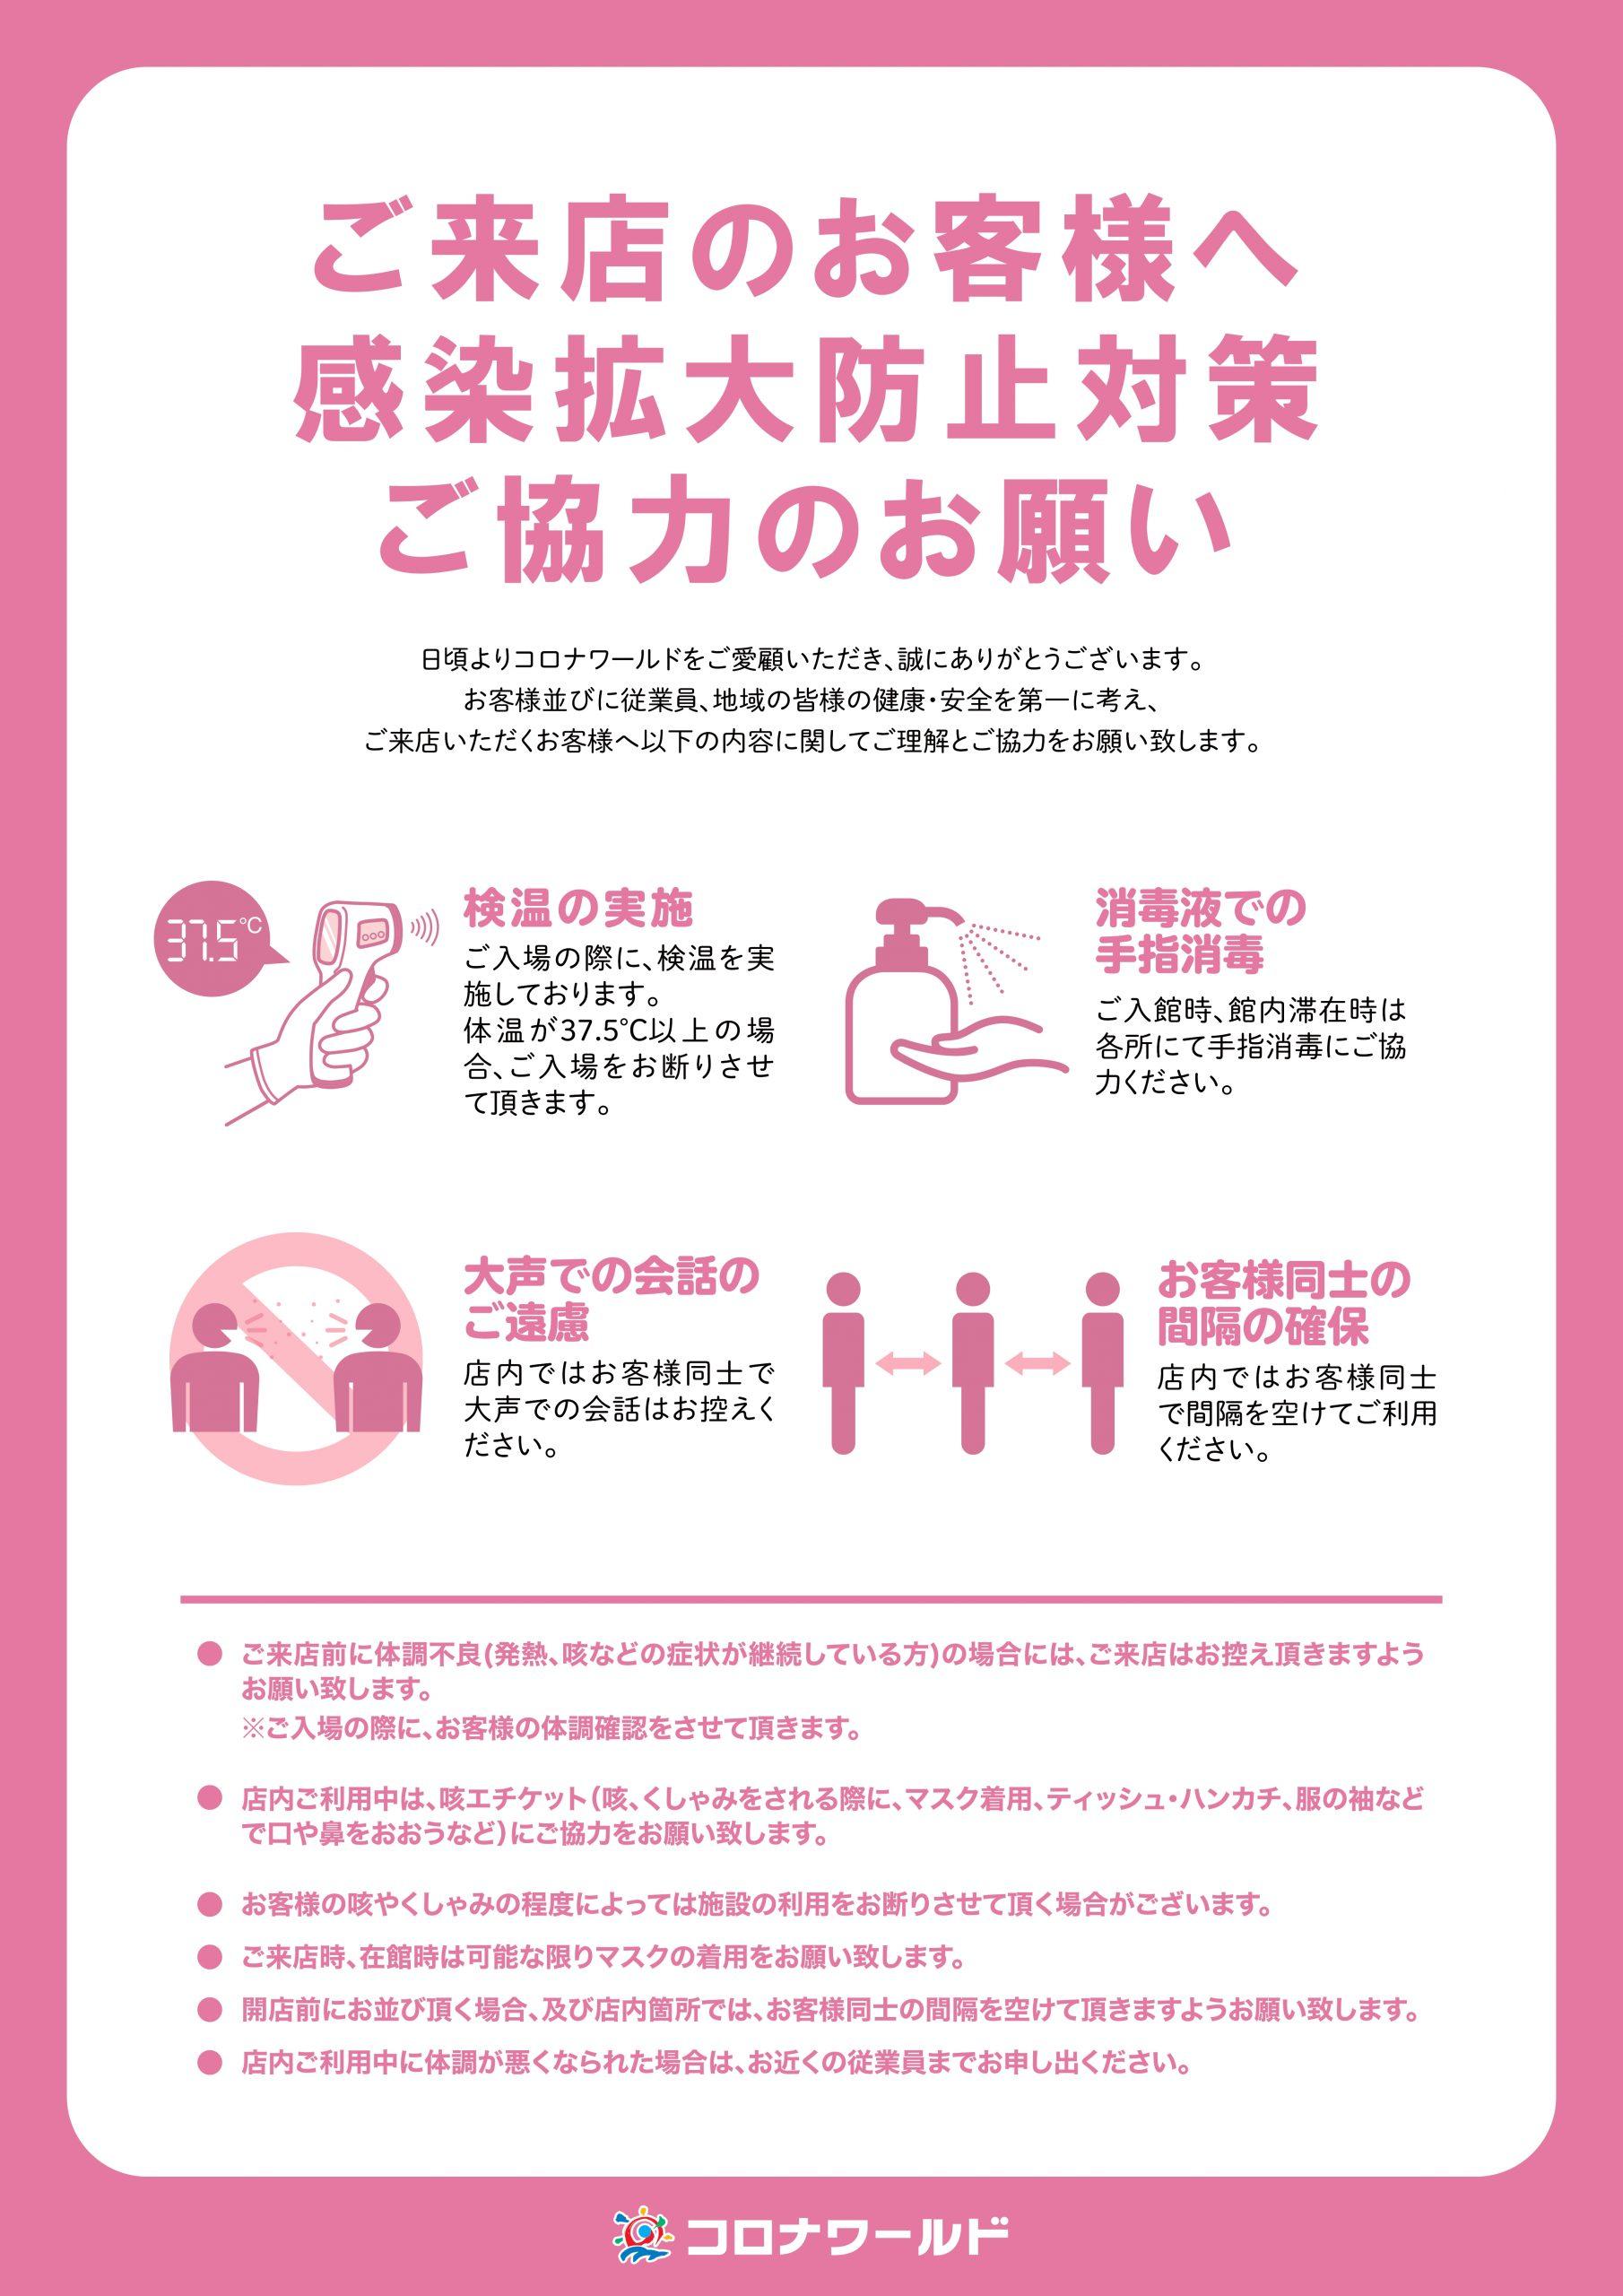 天然温泉コロナの湯 小田原店 コロナ対策